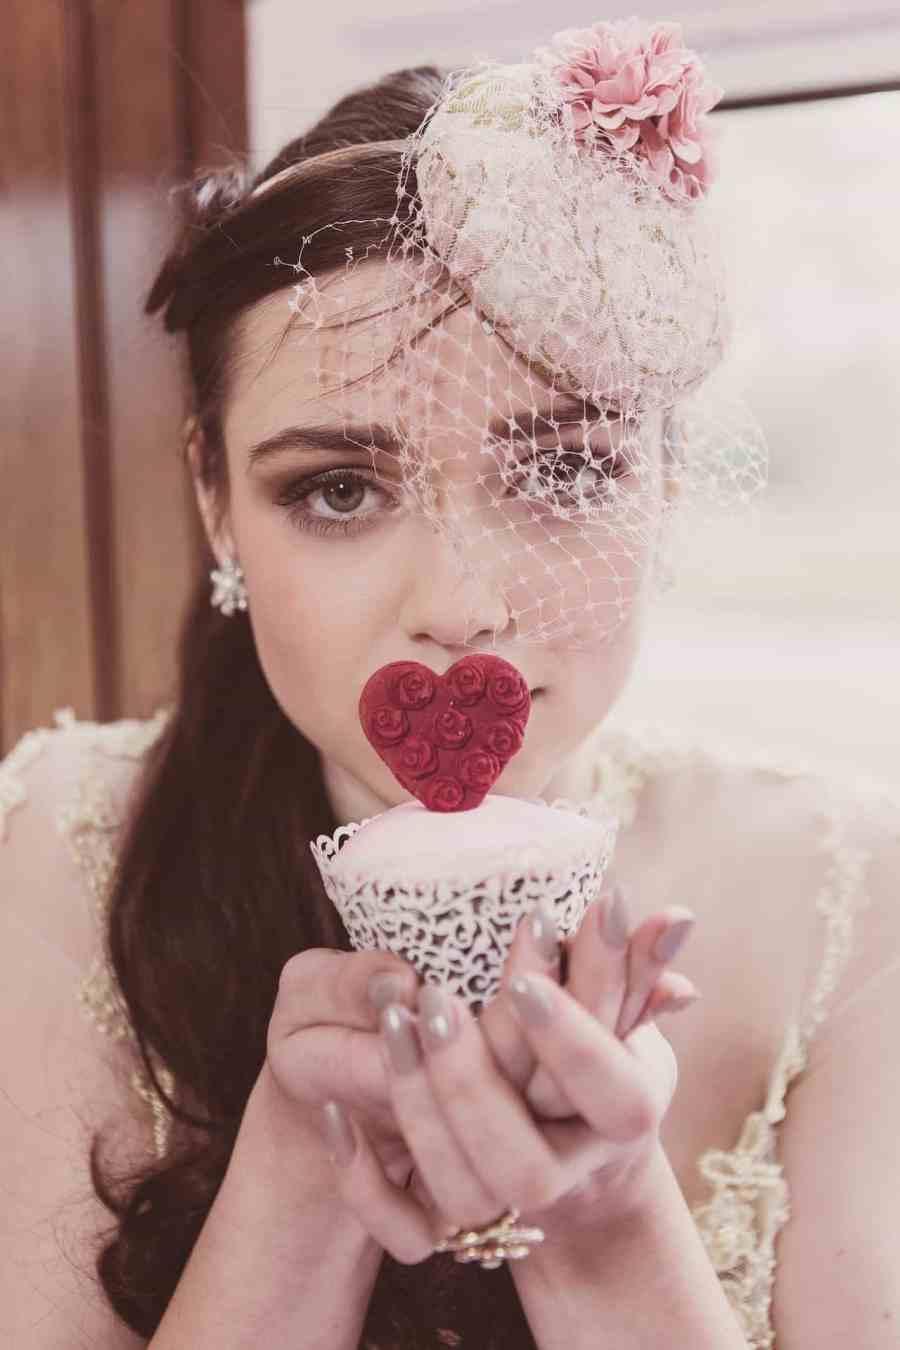 Luxury wedding cakes – Valentine's style